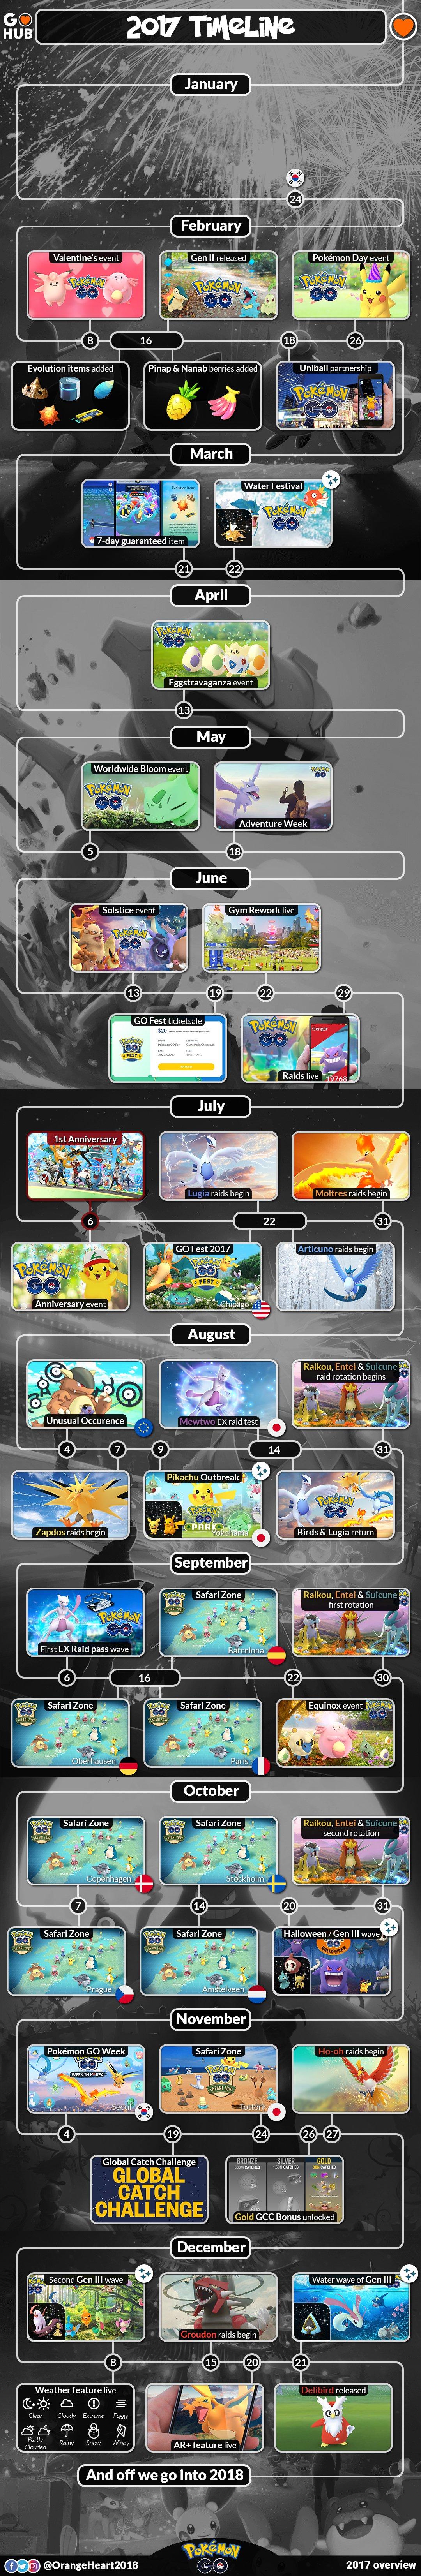 Pokemon GO in 2017